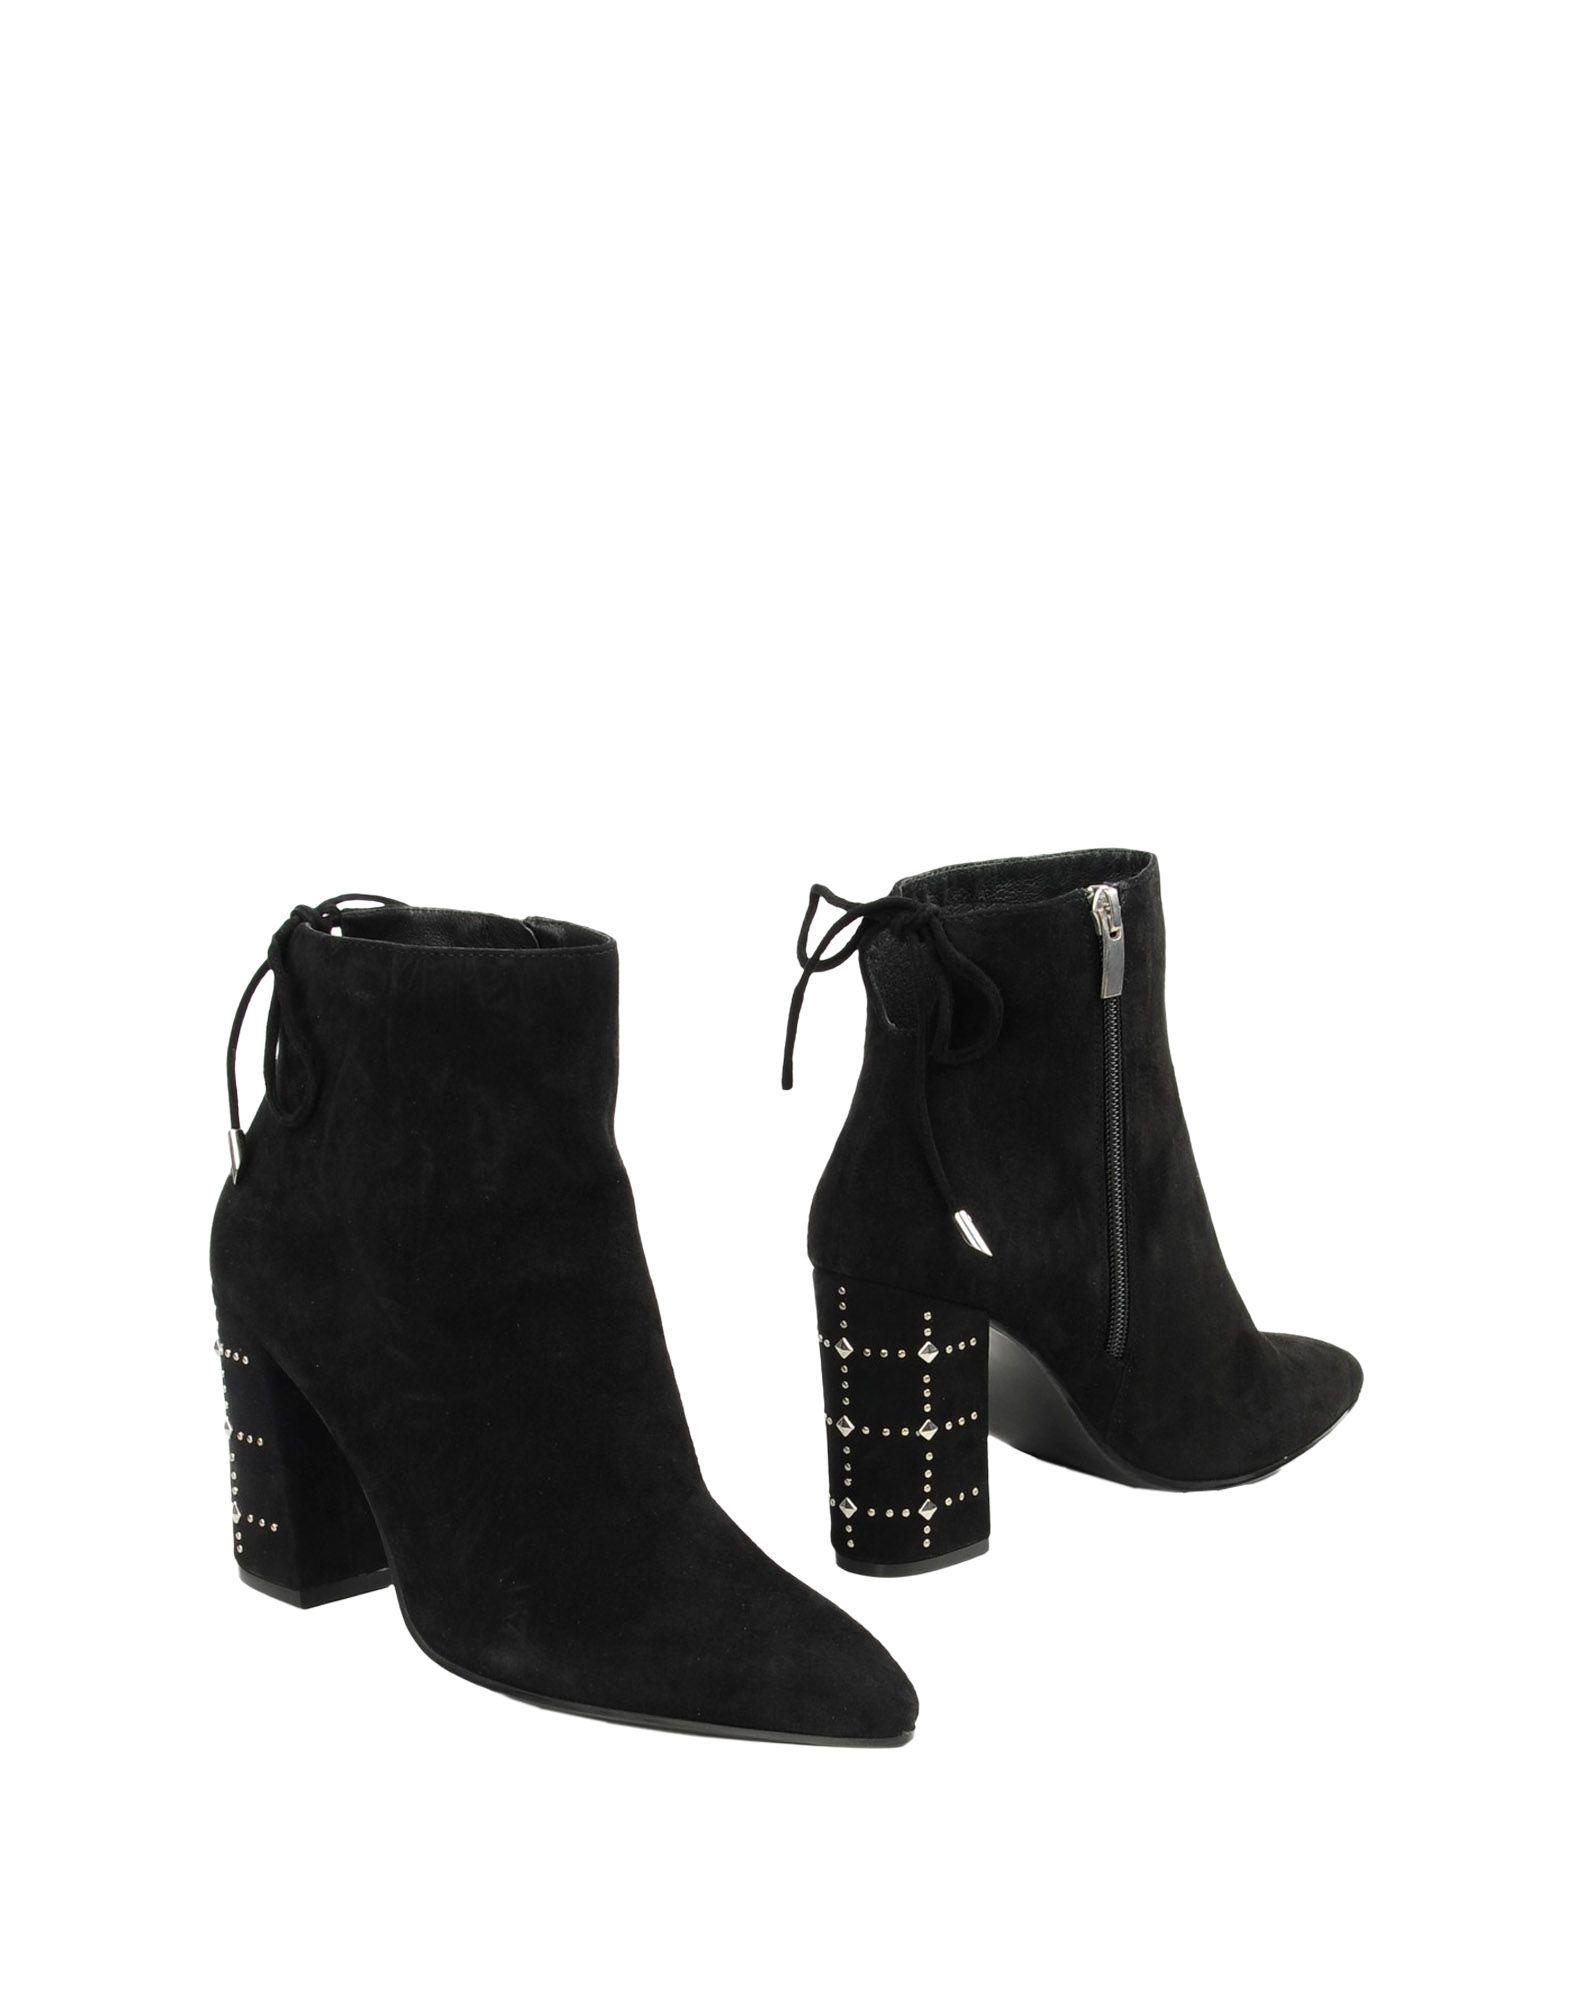 Bruno Premi Stiefelette Damen  11355674XX Gute Qualität beliebte Schuhe